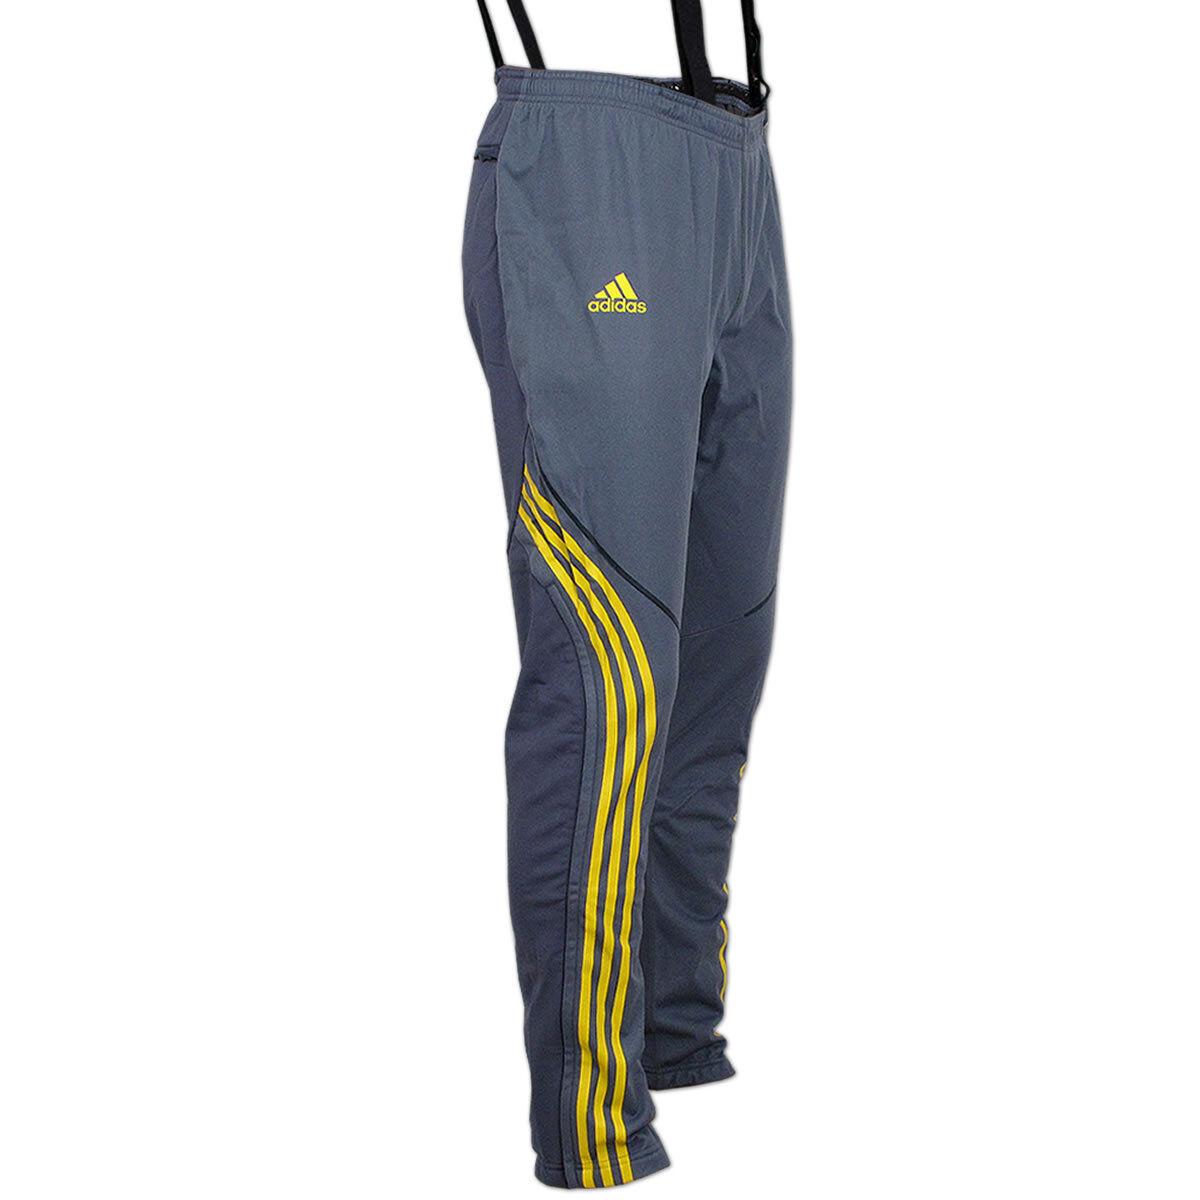 Adidas Herren Athleten Hose DSV Aufwärmhose Biathlon Langlauf Langlauf Langlauf Wintersport Ski c68172